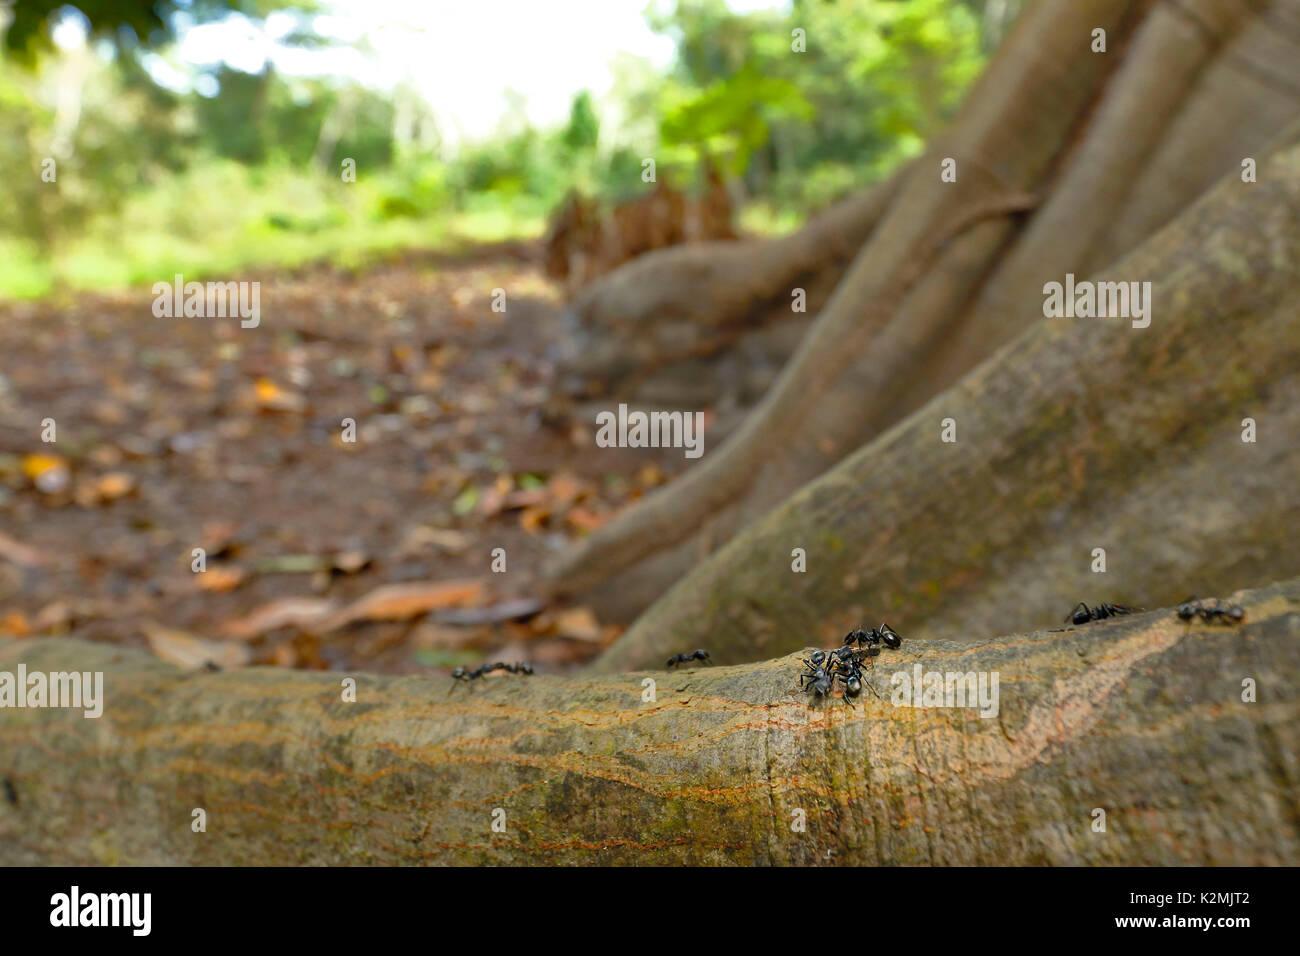 Bullet ant (Paraponera clavata), camminando sulle radici di albero Foto Stock